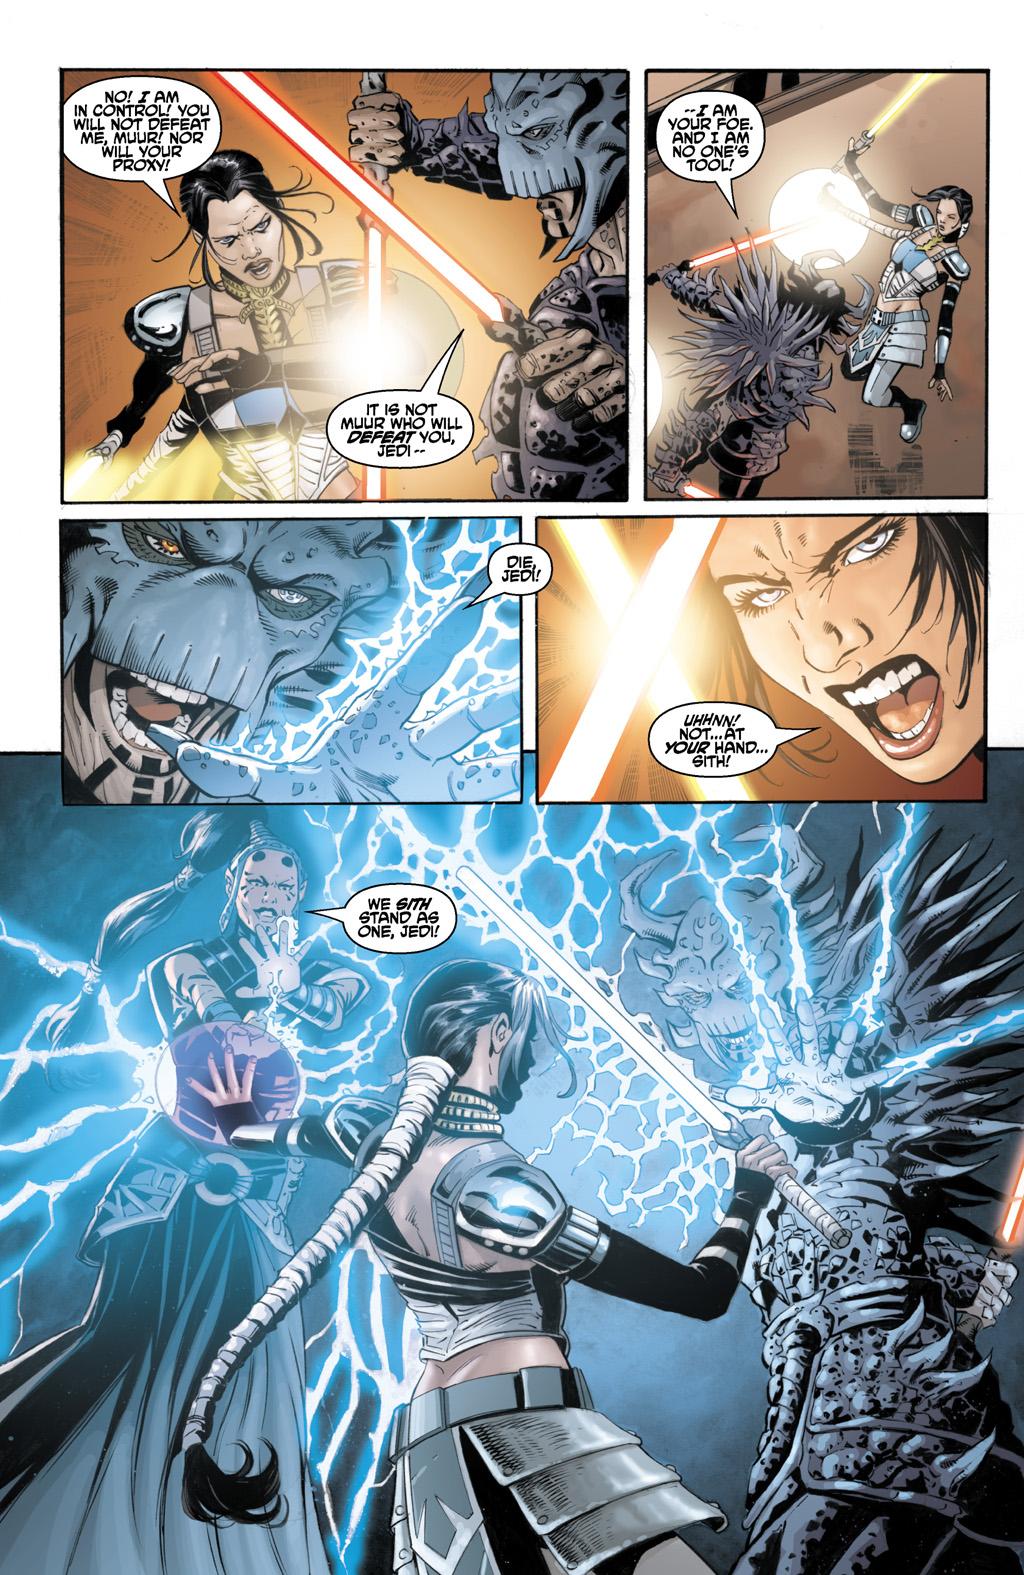 Darth vader vs Darth malgus - Page 3 Krayt_16